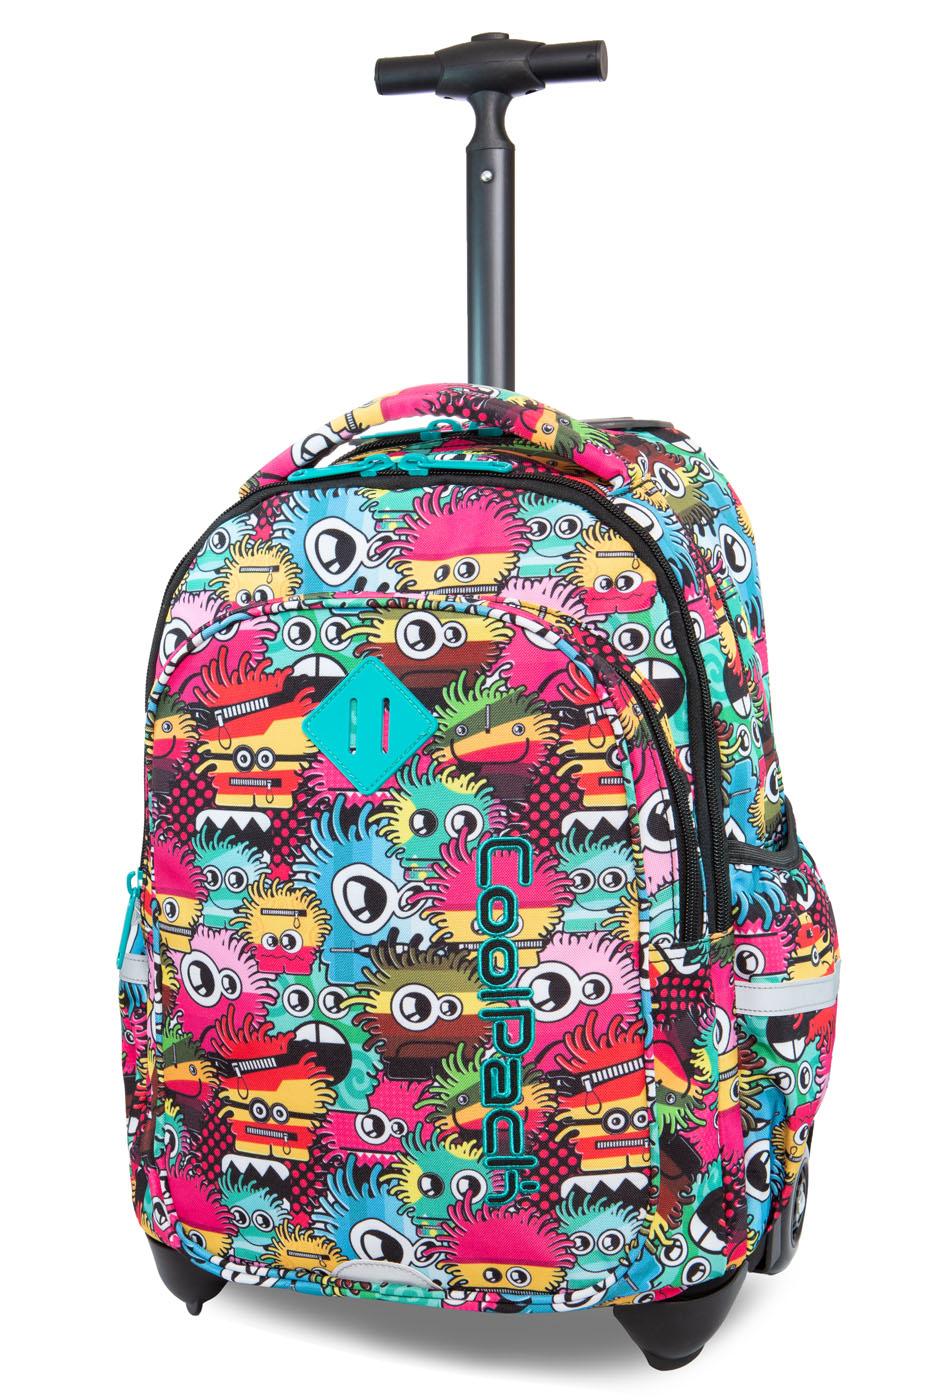 Coolpack   junior  rygsæk med hjul   wiggly eyes pink